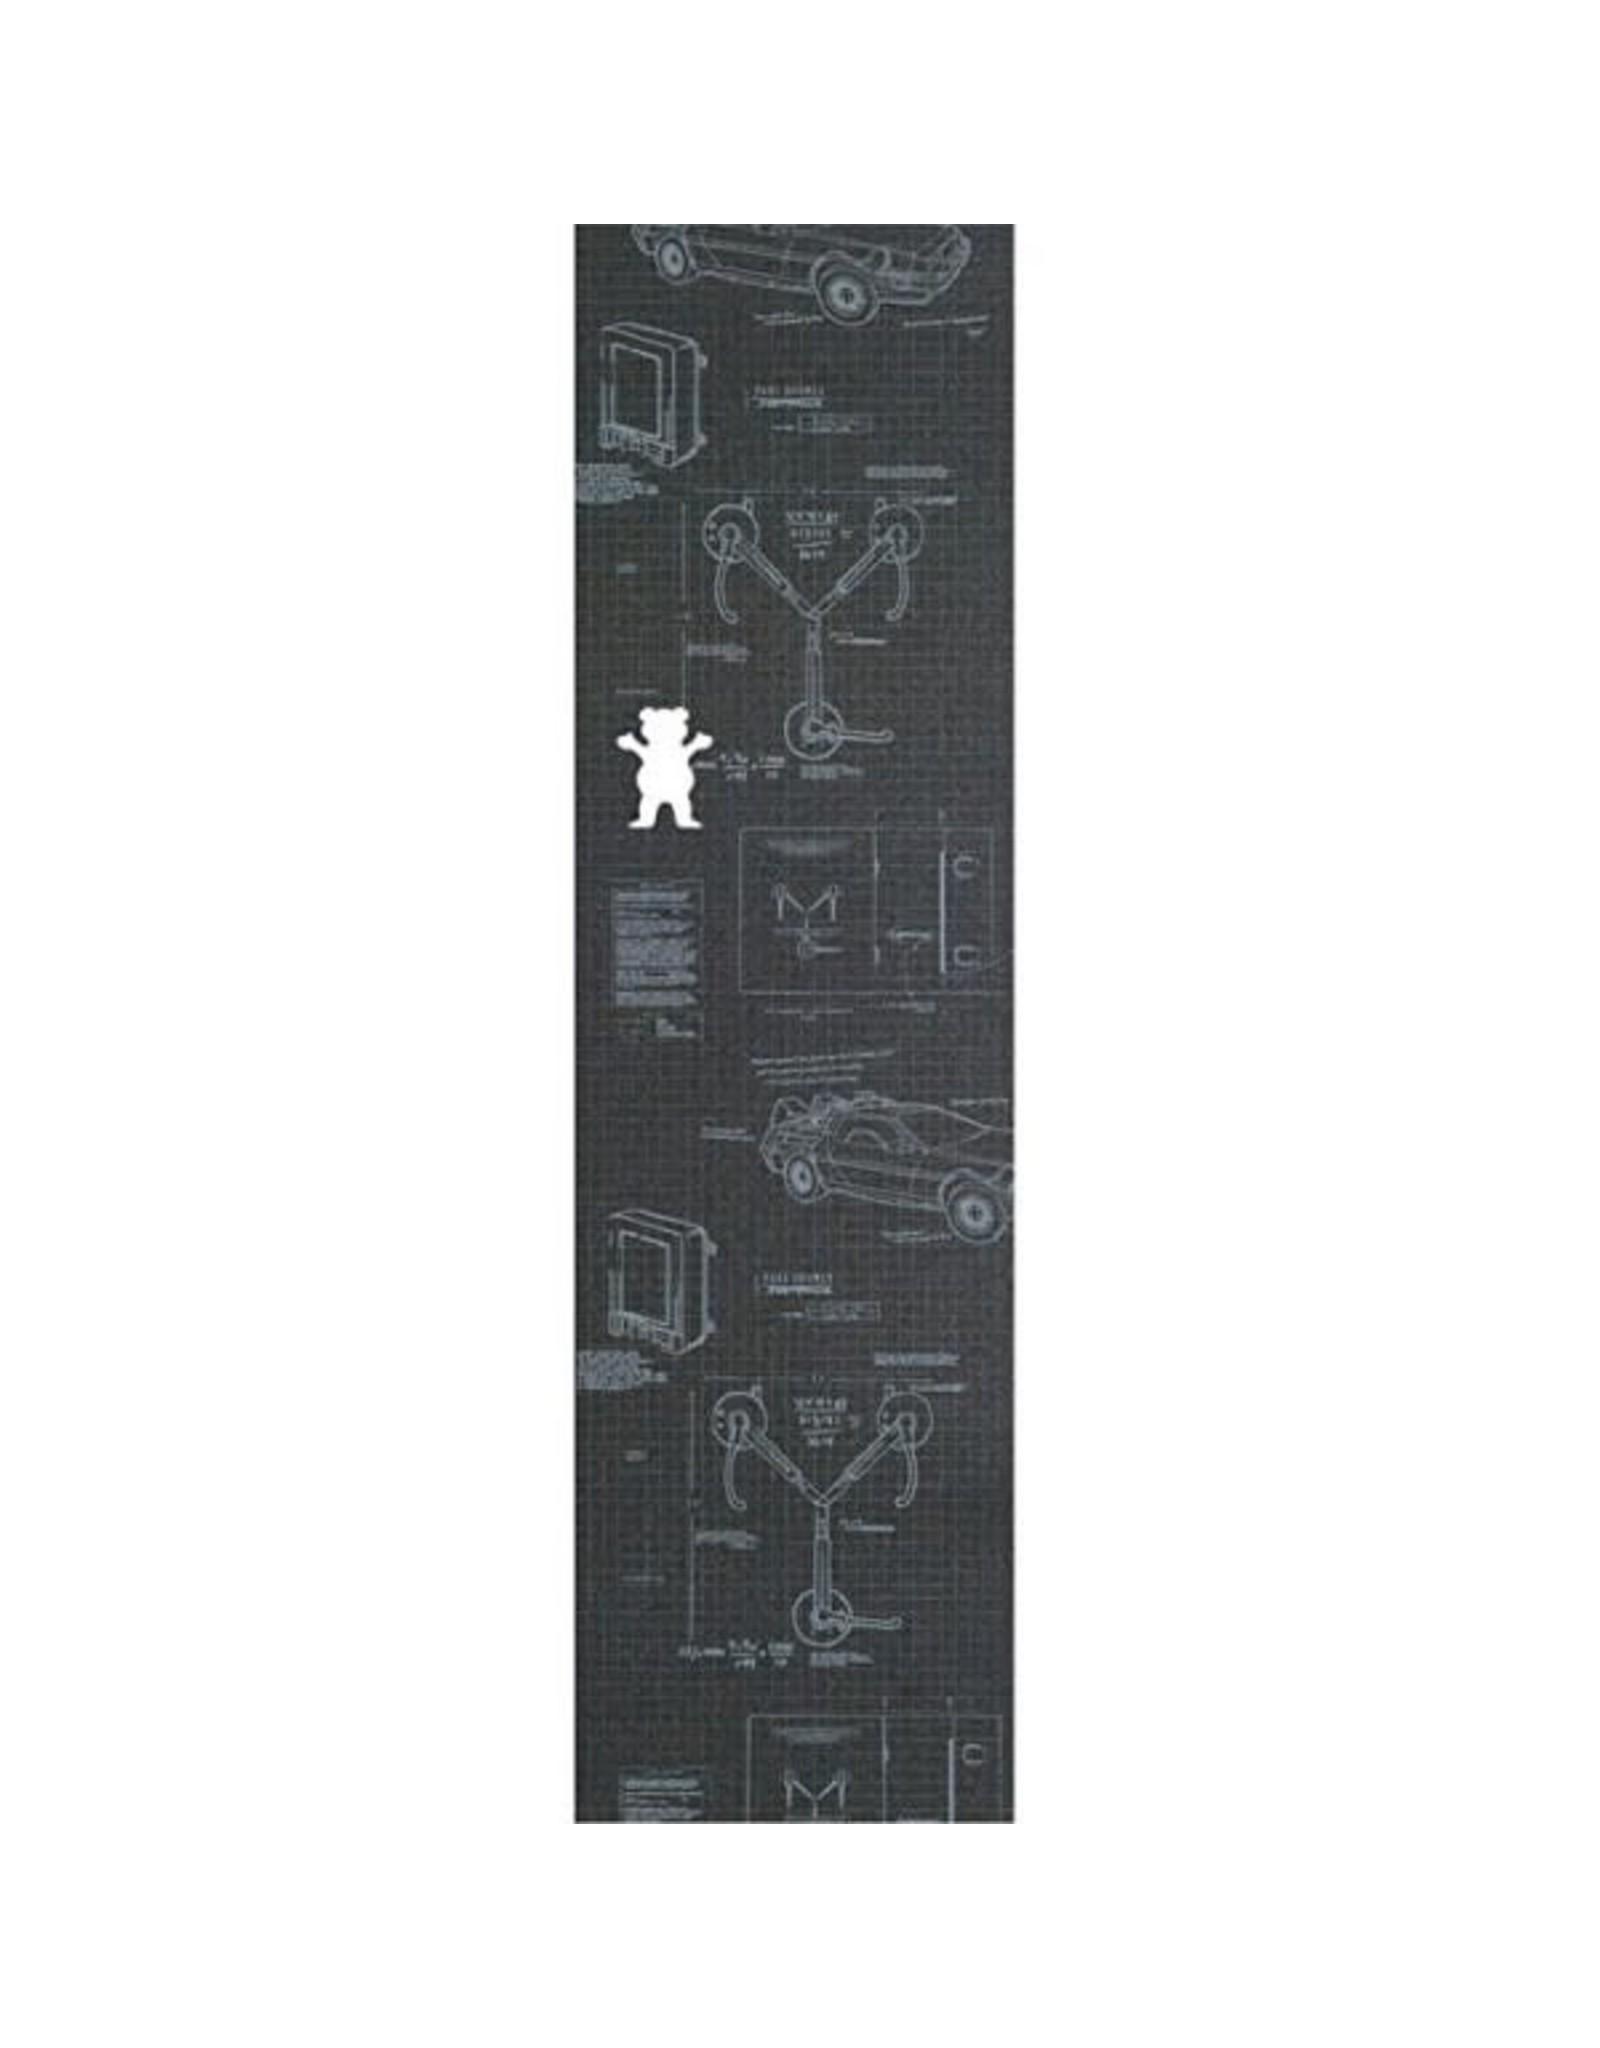 Grizzly Grizzly Jordan Maxham Griptape Sheet 9.0 Black